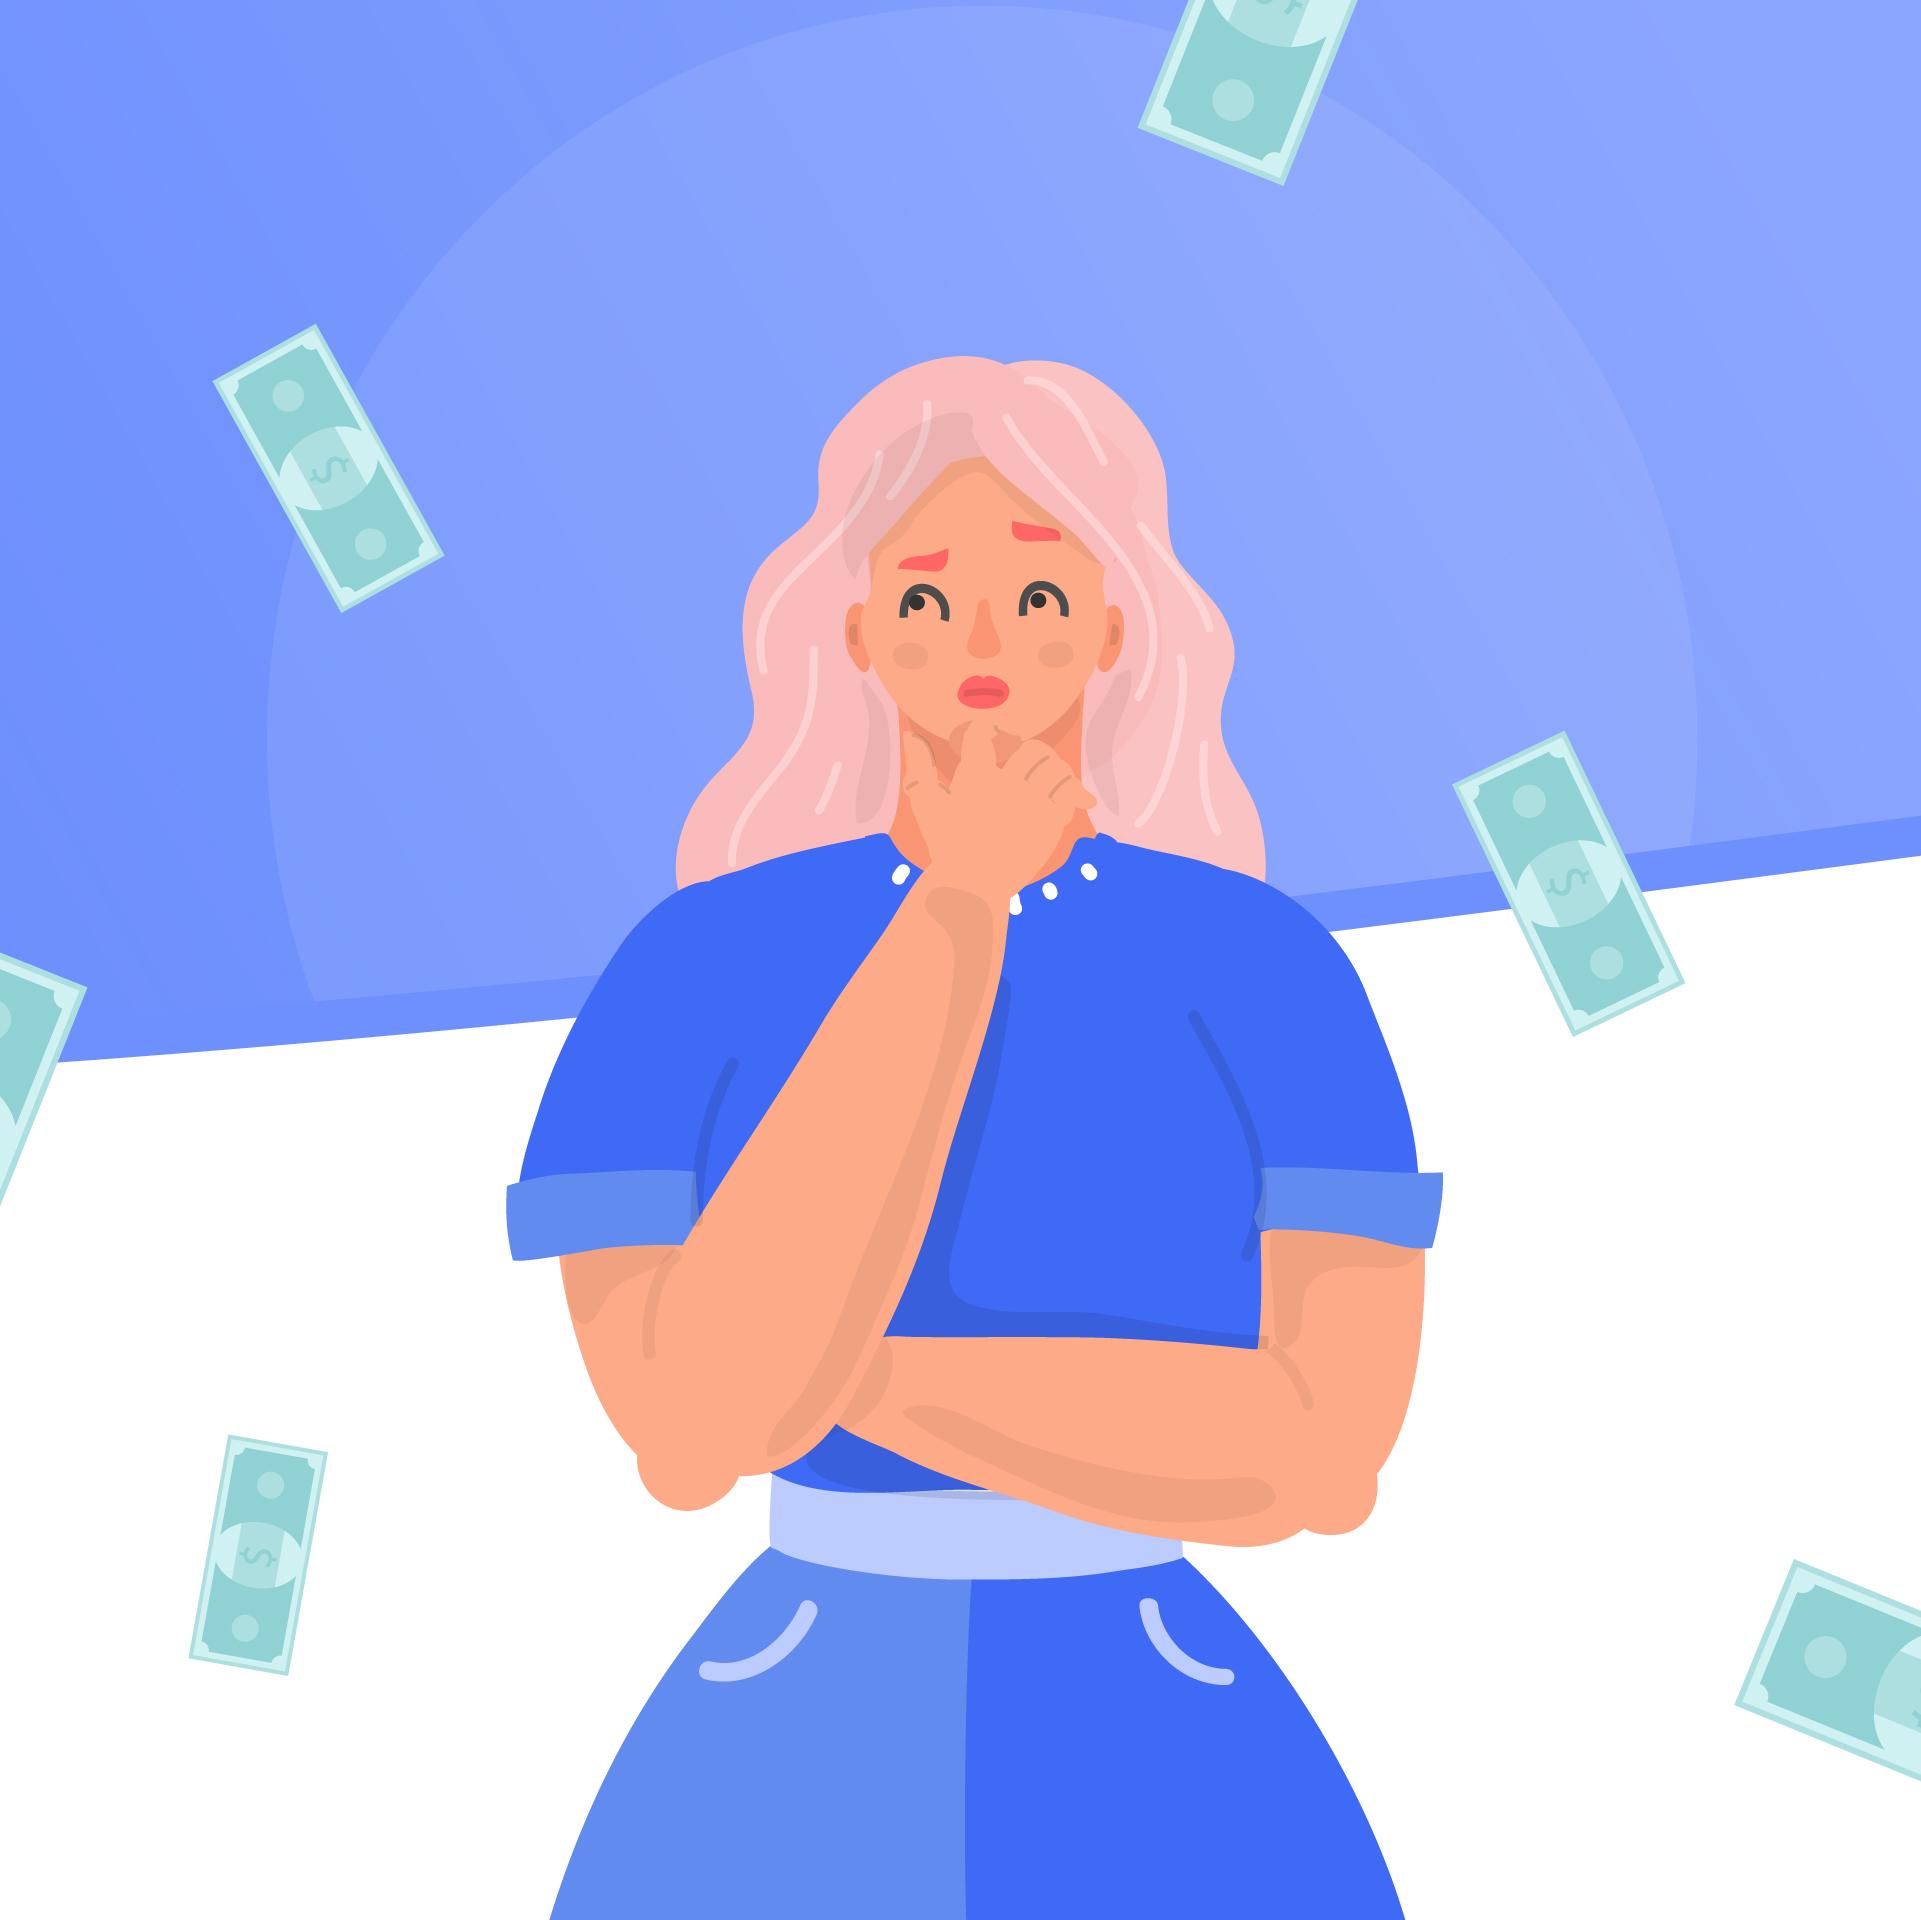 ¿Qué tan bueno sos con tus Finanzas? Averigualo con este Test